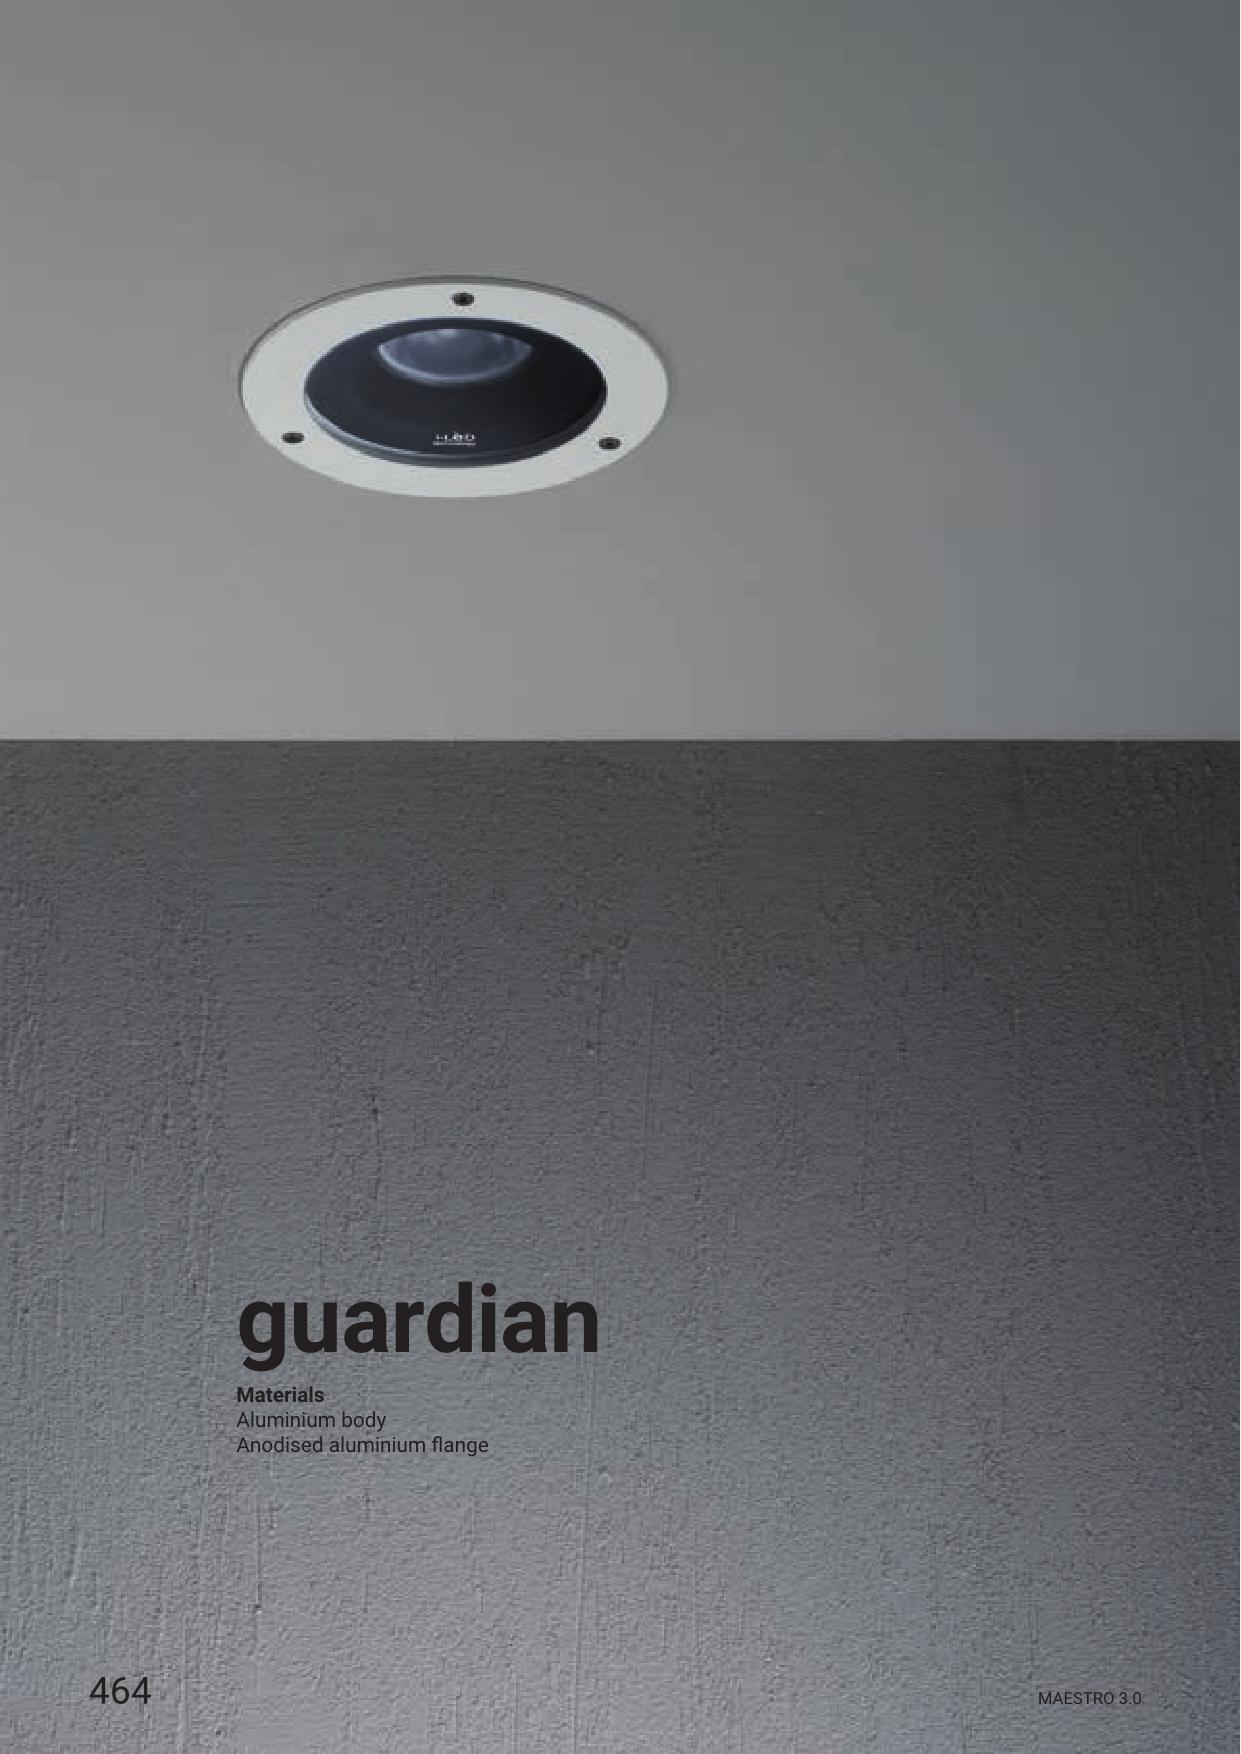 Linea Light – Guardian